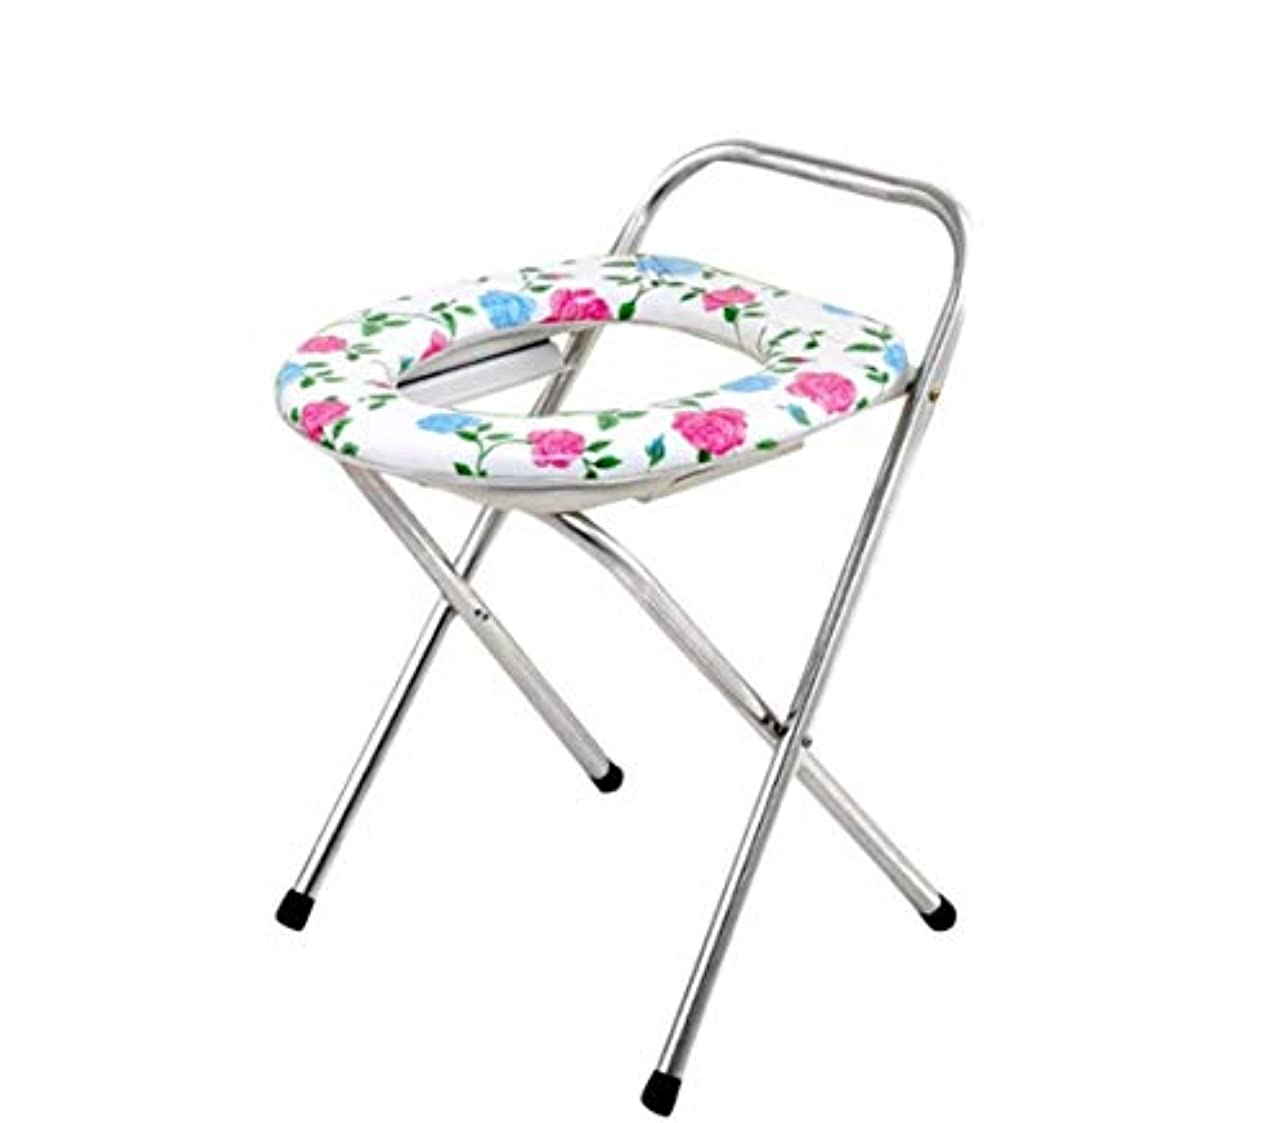 高齢者の障害のための折りたたみ式便器椅子止まり台ステンレス鋼フレーム